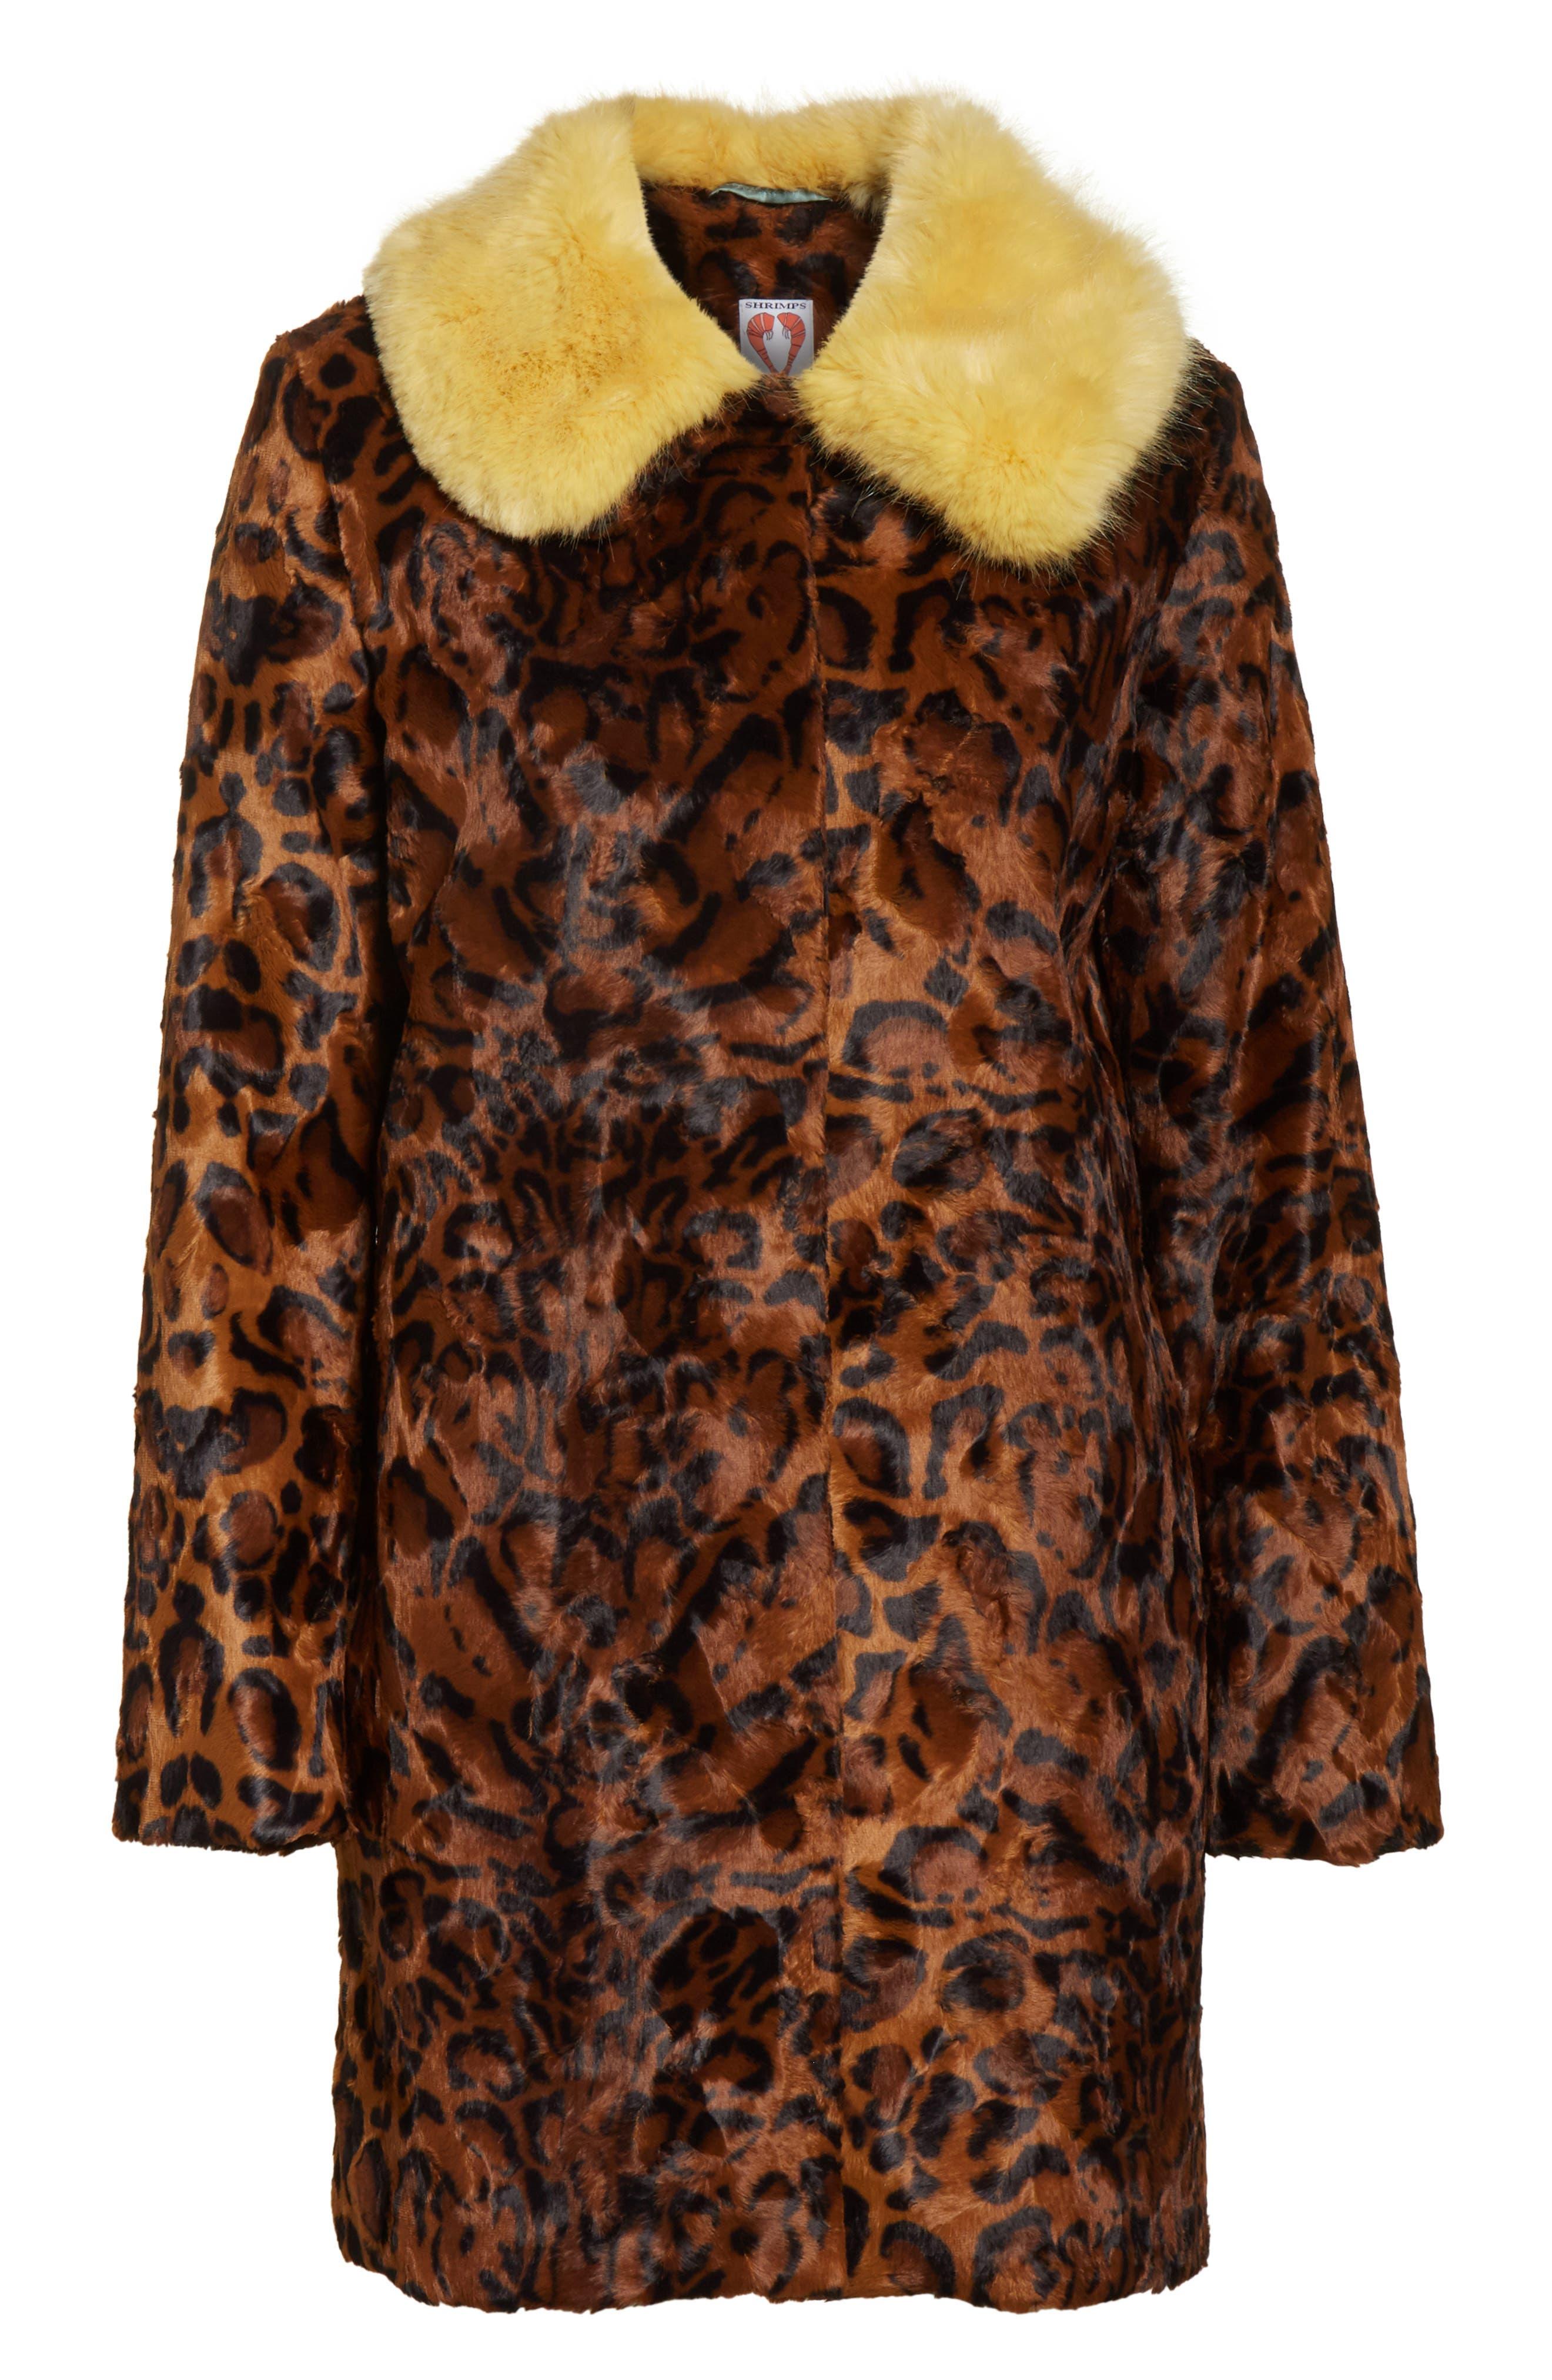 Papa Puss Leopard Print Faux Fur Coat,                             Alternate thumbnail 5, color,                             200